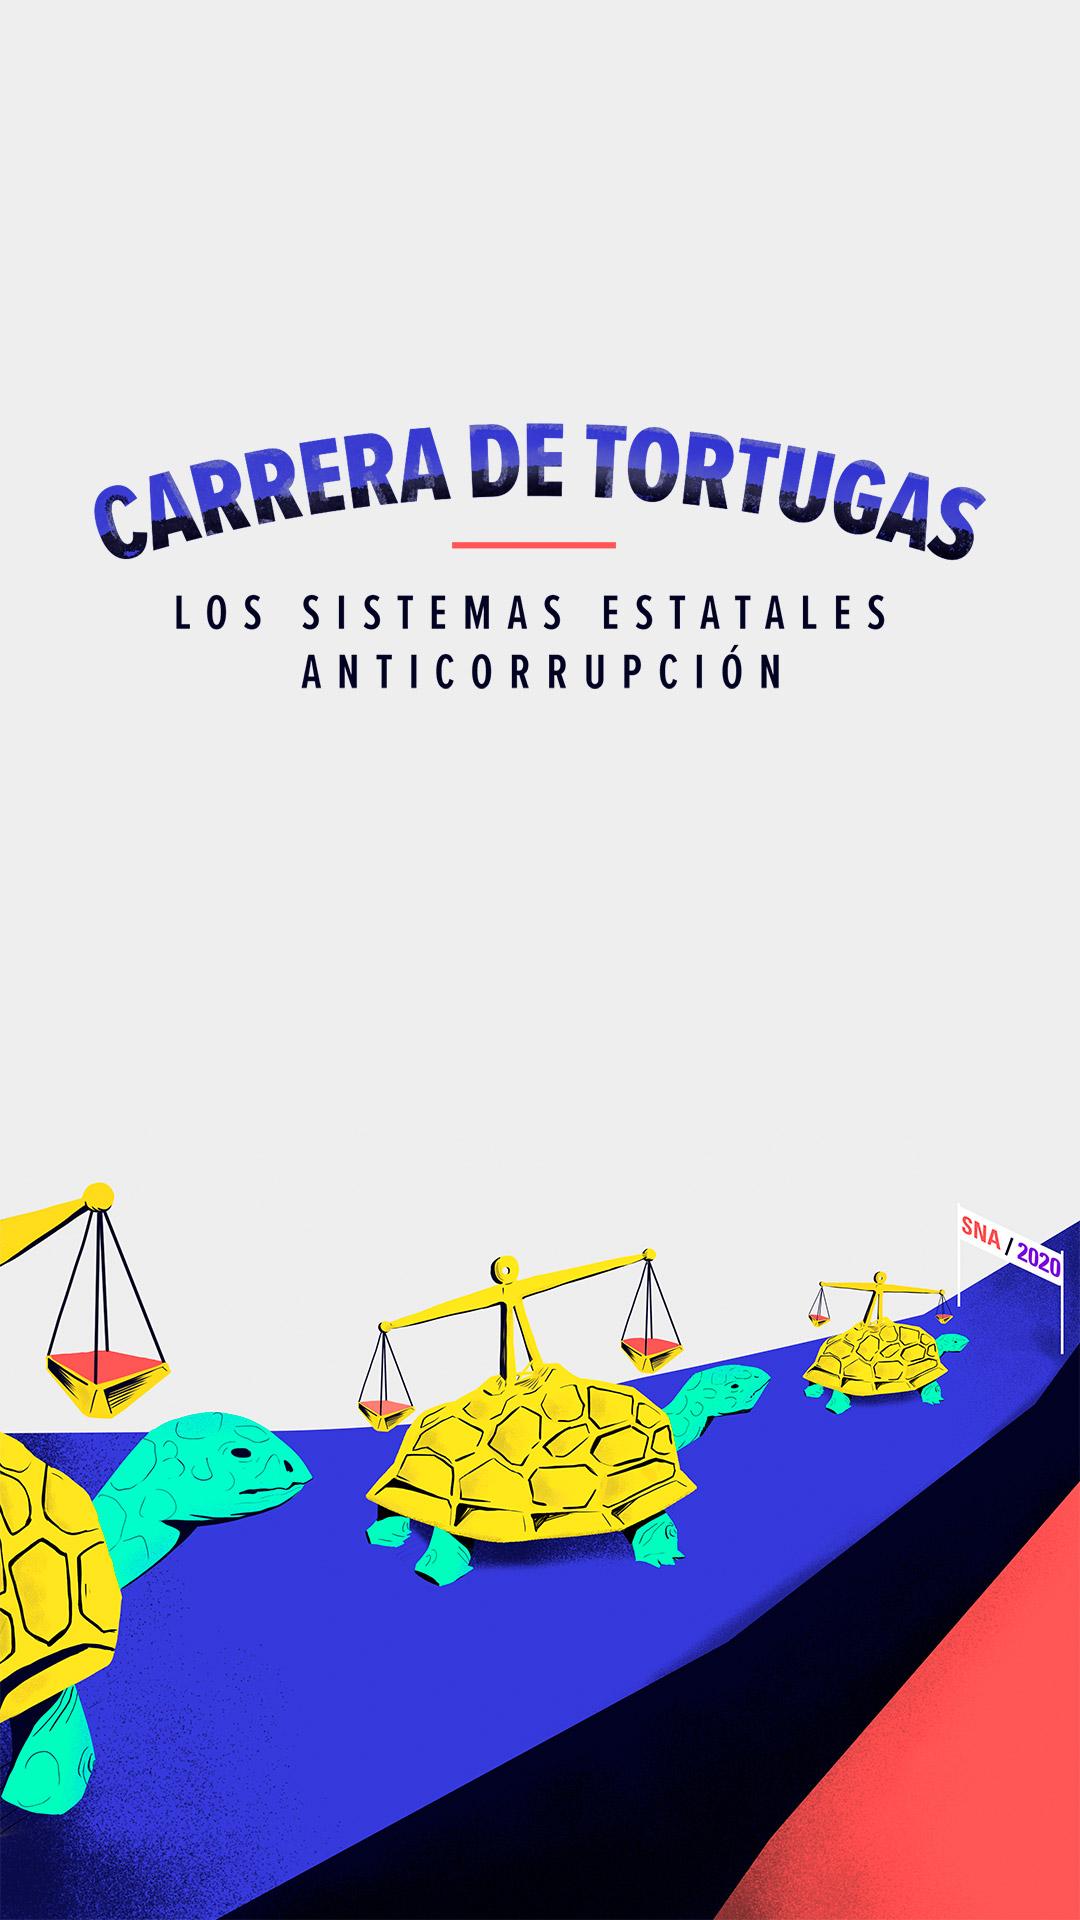 Carrera de tortugas: Los sistemas estatales anticorrupción